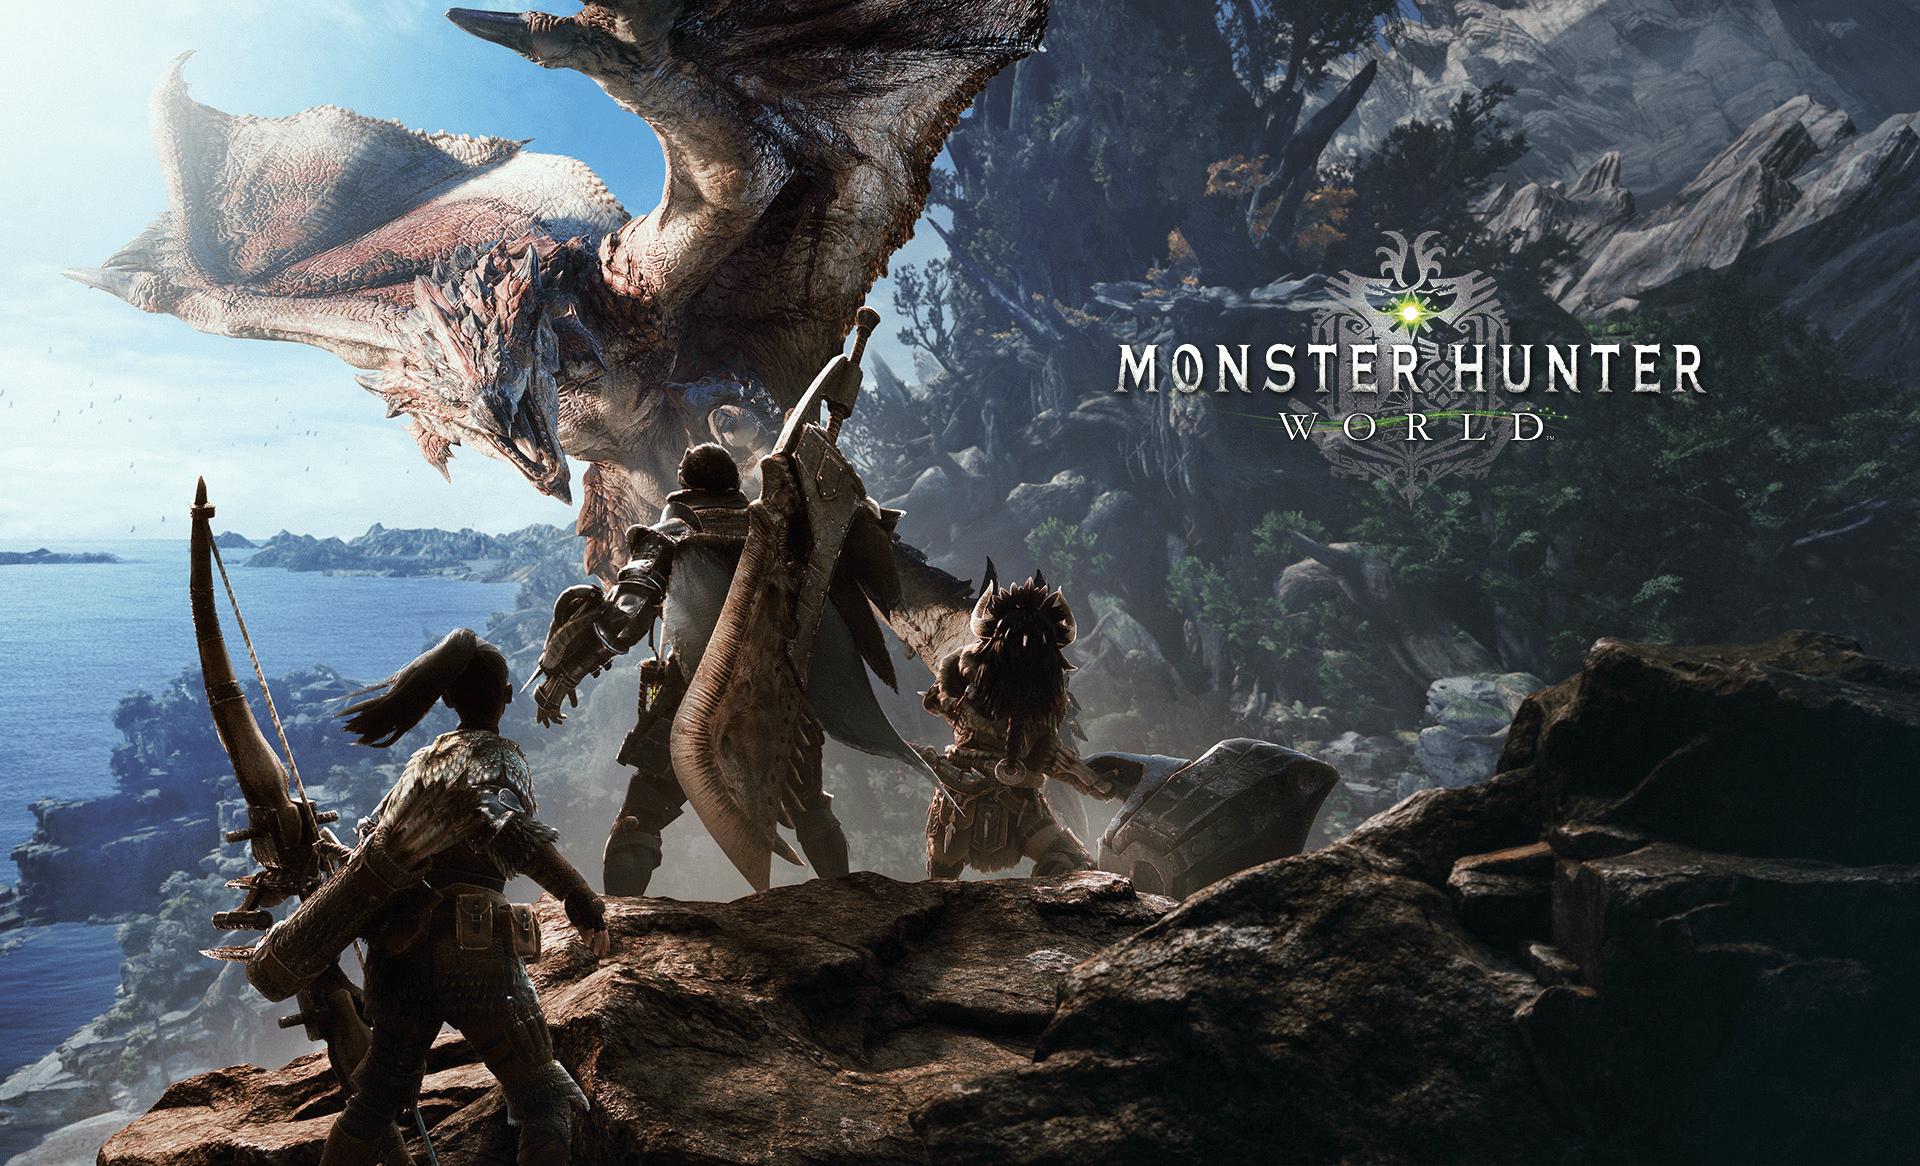 monster hunter world wallpapers 1920x1080